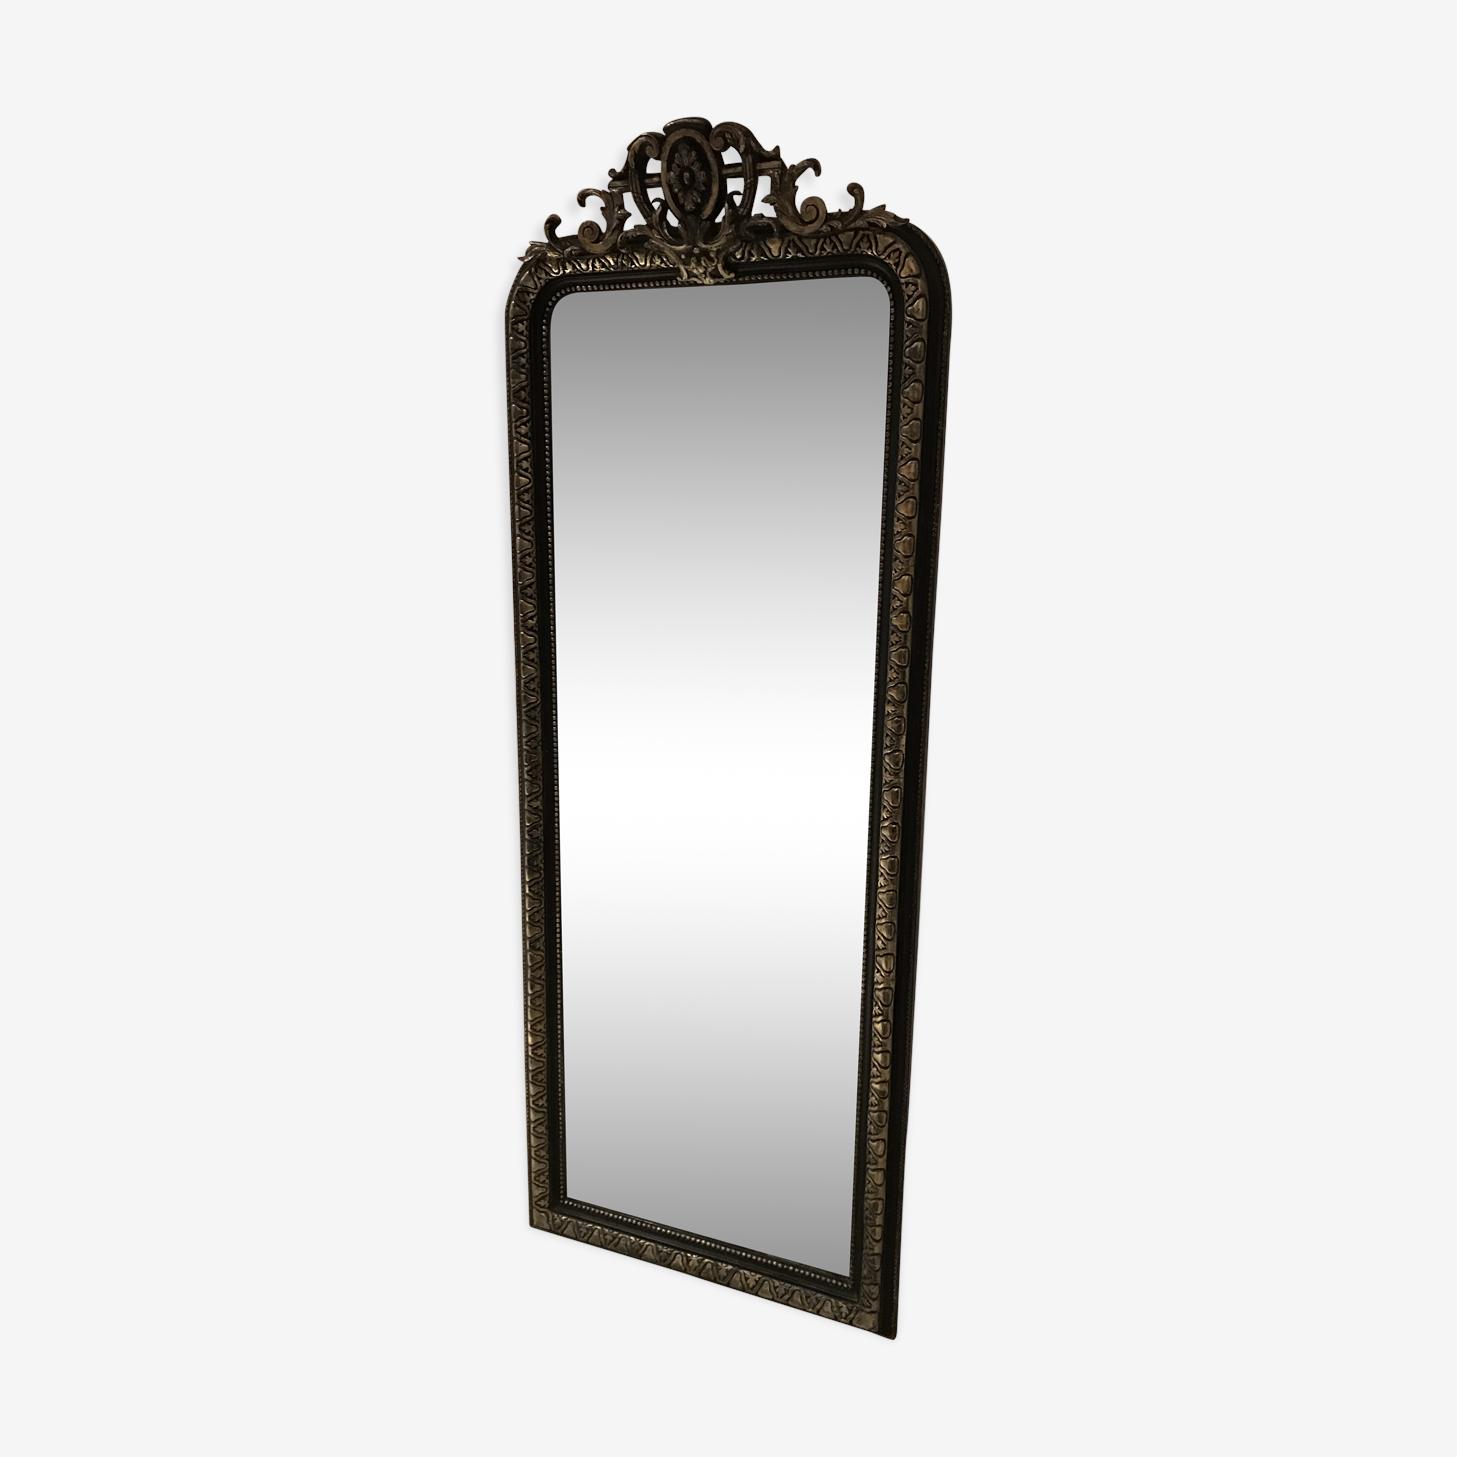 Miroir entre-deux Napoléon III 66x172cm